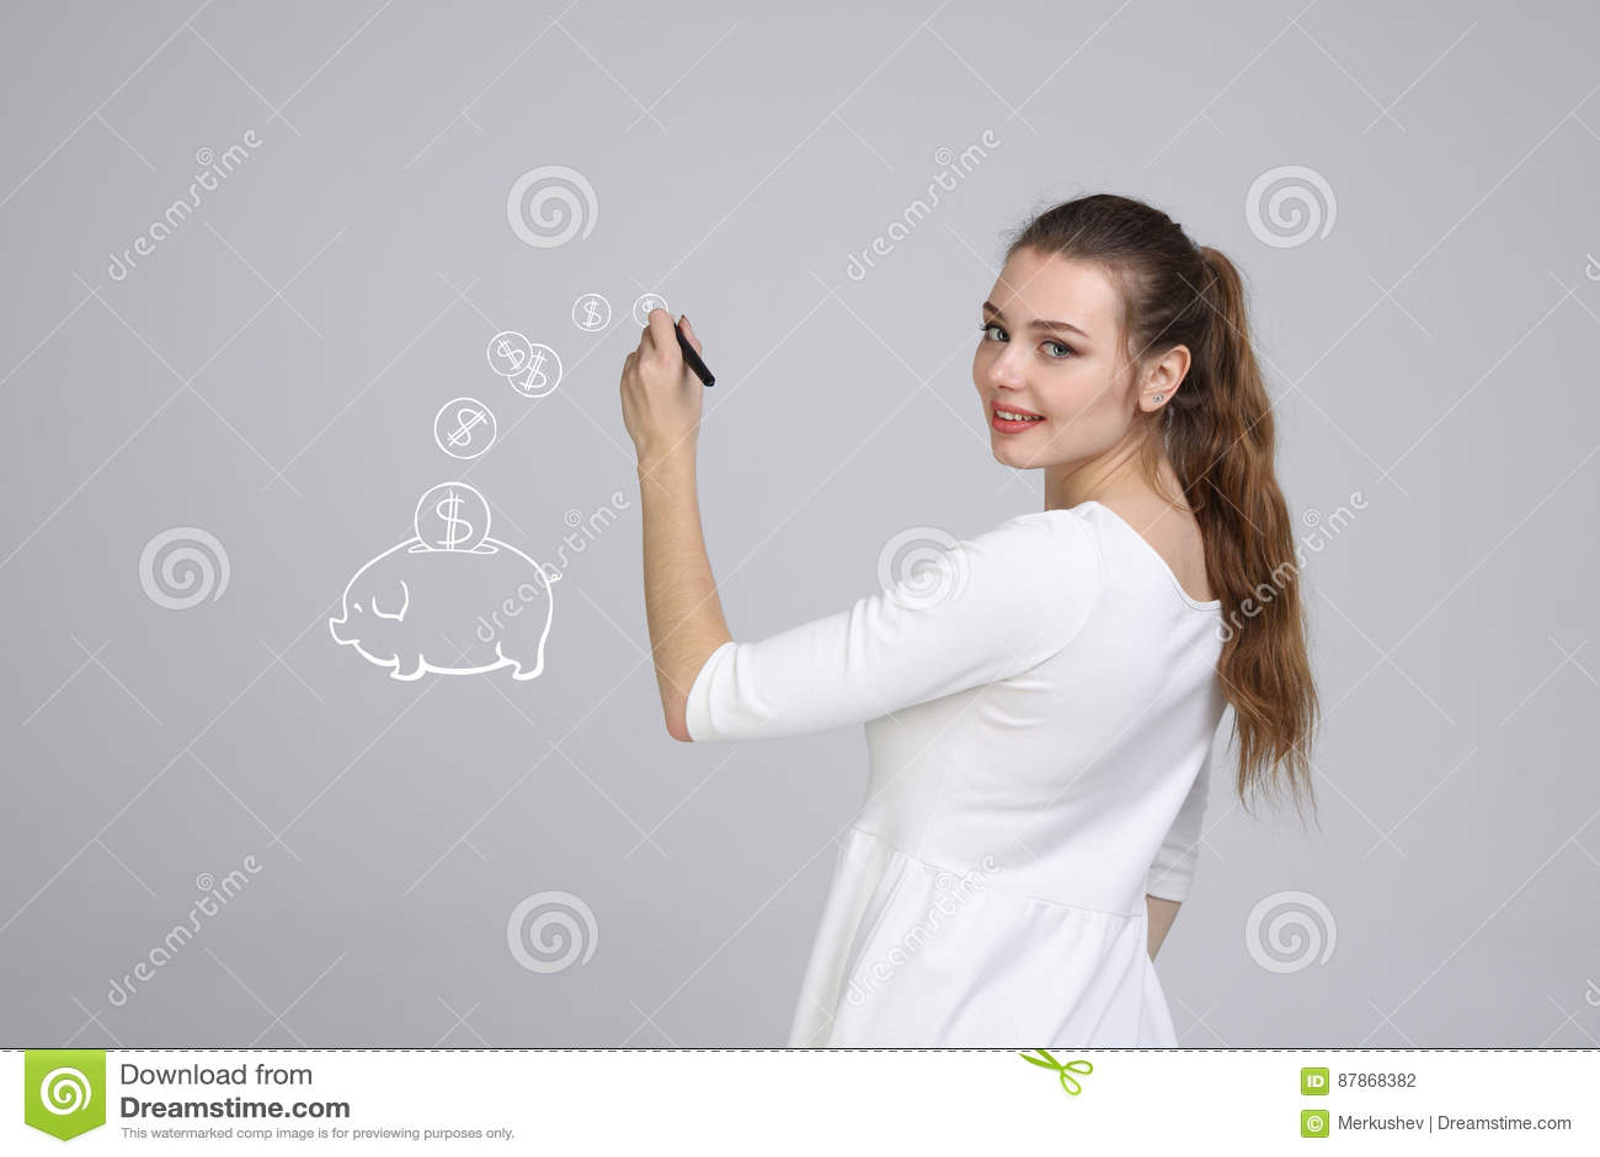 Junge Frau, die ein Sparschwein zeichnet